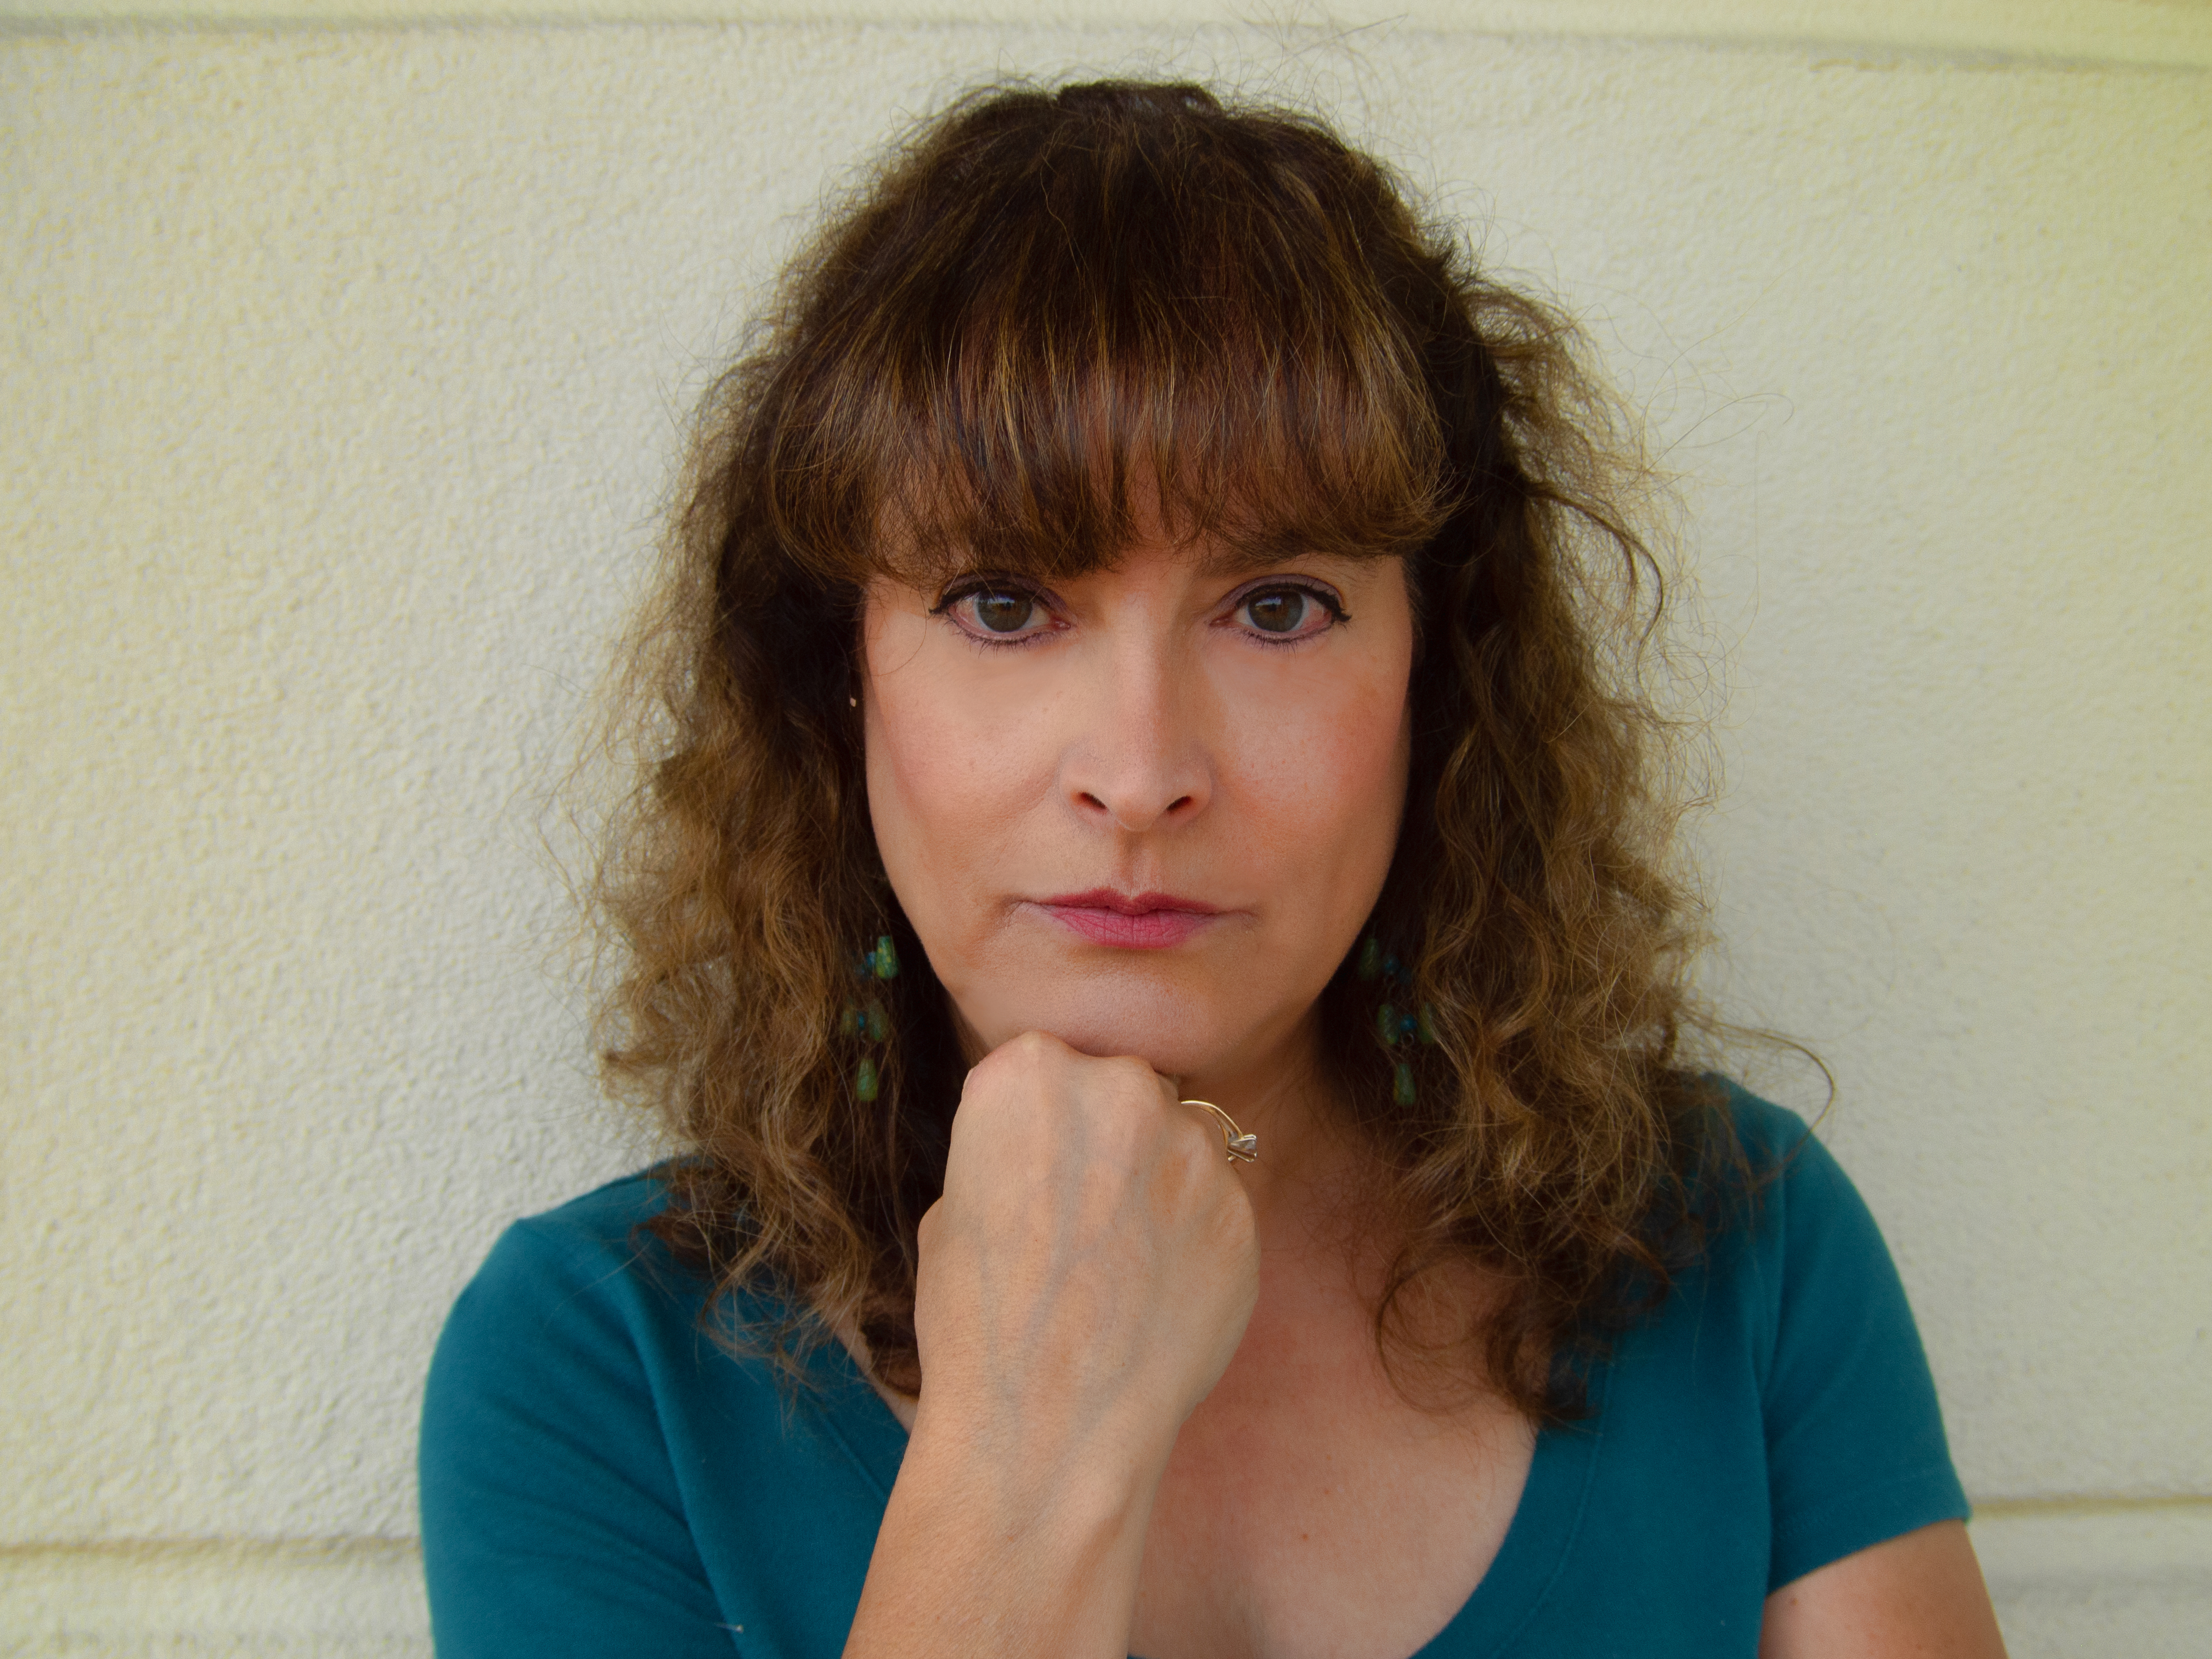 Karen Rostoker-Gruber